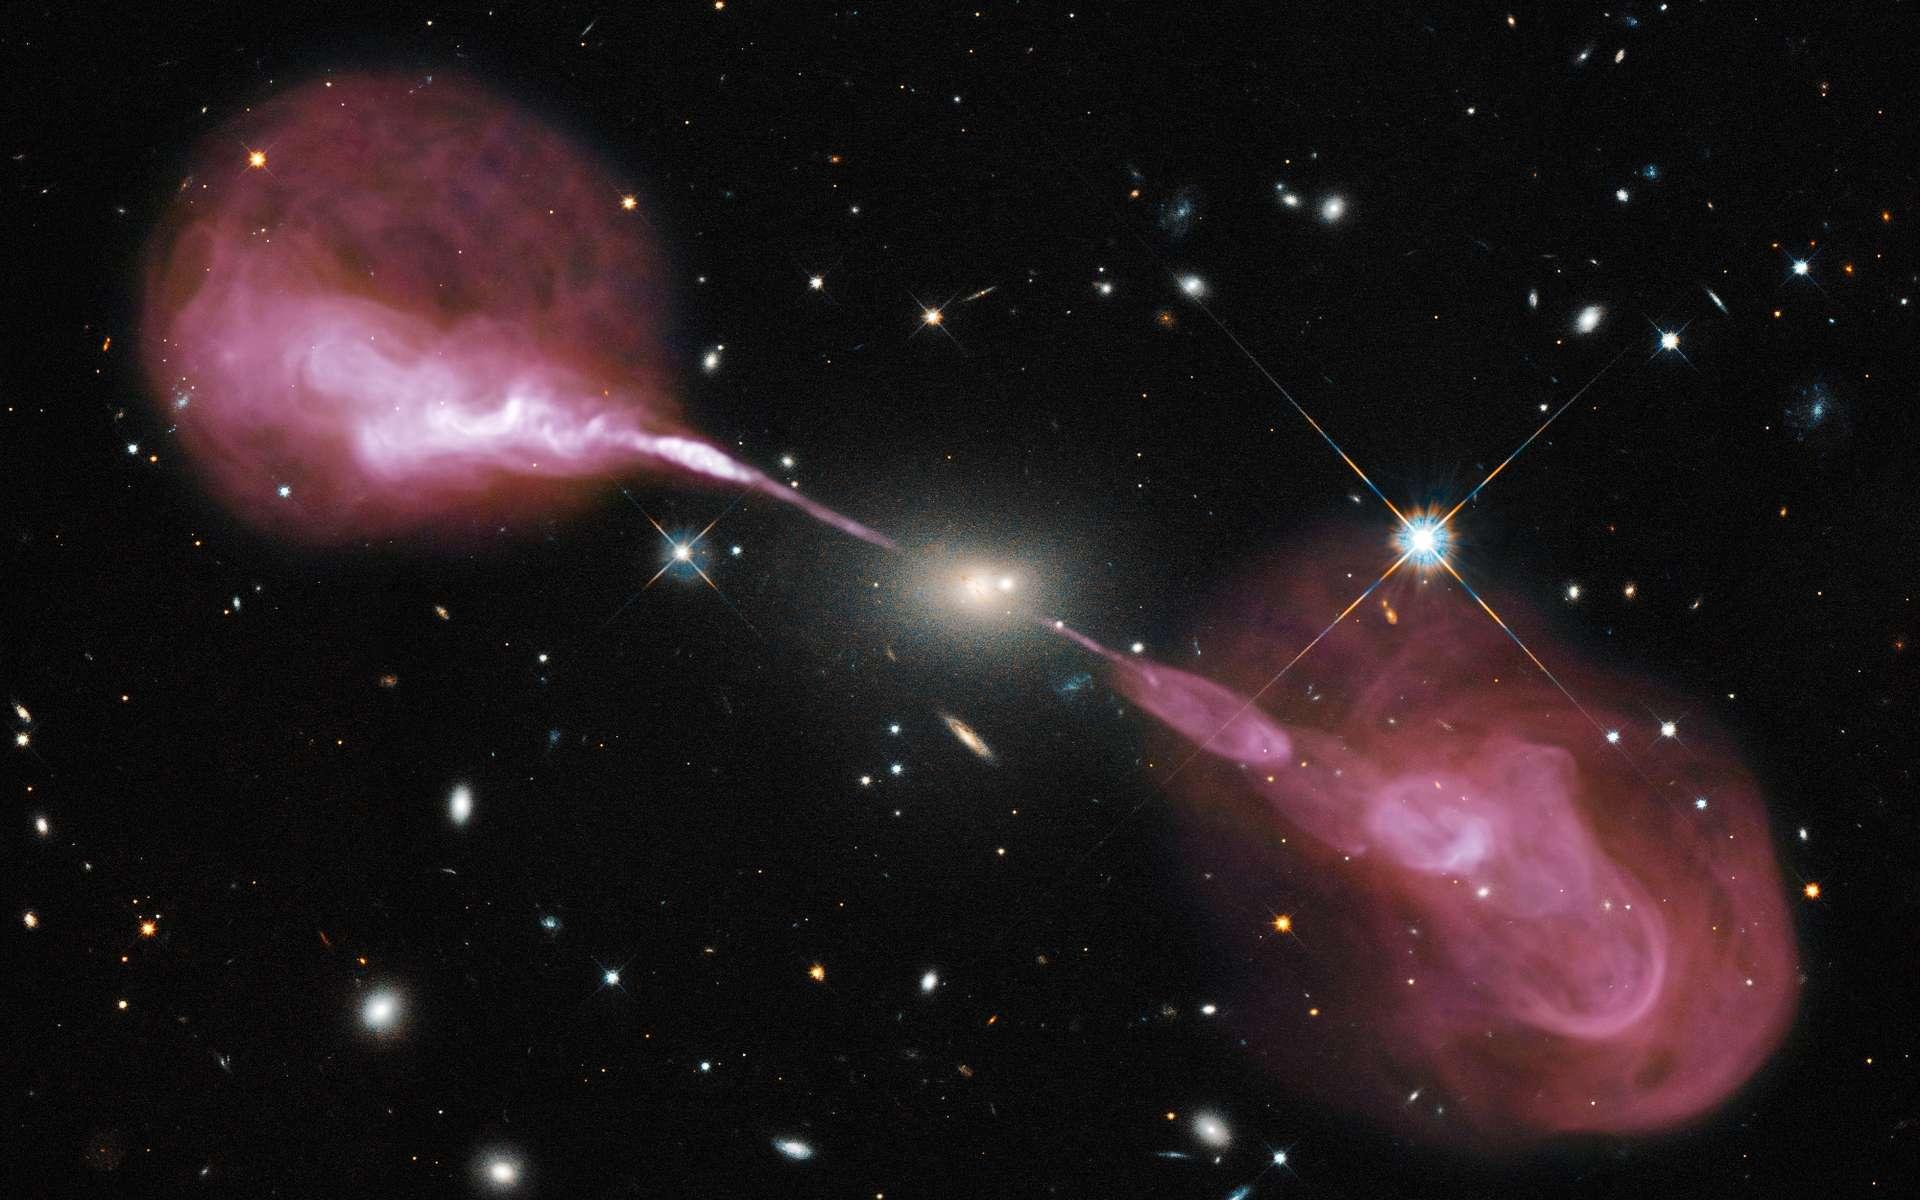 Hercules A est une galaxie elliptique située à environ 2 milliards d'années-lumière de la Voie lactée. Environ 1.000 fois plus massive que notre Galaxie, elle abrite un trou noir central de 2,5 milliards de masses solaires. On la voit dans le visible sur cette photographie prise par Hubble et sur laquelle a été surimposée une image réalisée dans le domaine des ondes radio par le VLA. Se révèlent alors deux lobes radio produits par des jets de matière relativistes, longs de plusieurs millions d'années-lumière. © Nasa, ESA, S. Baum and C. O'Dea (RIT), R. Perley and W. Cotton (NRAO/AUI/NSF), and the Hubble Heritage Team (STScI/AURA)